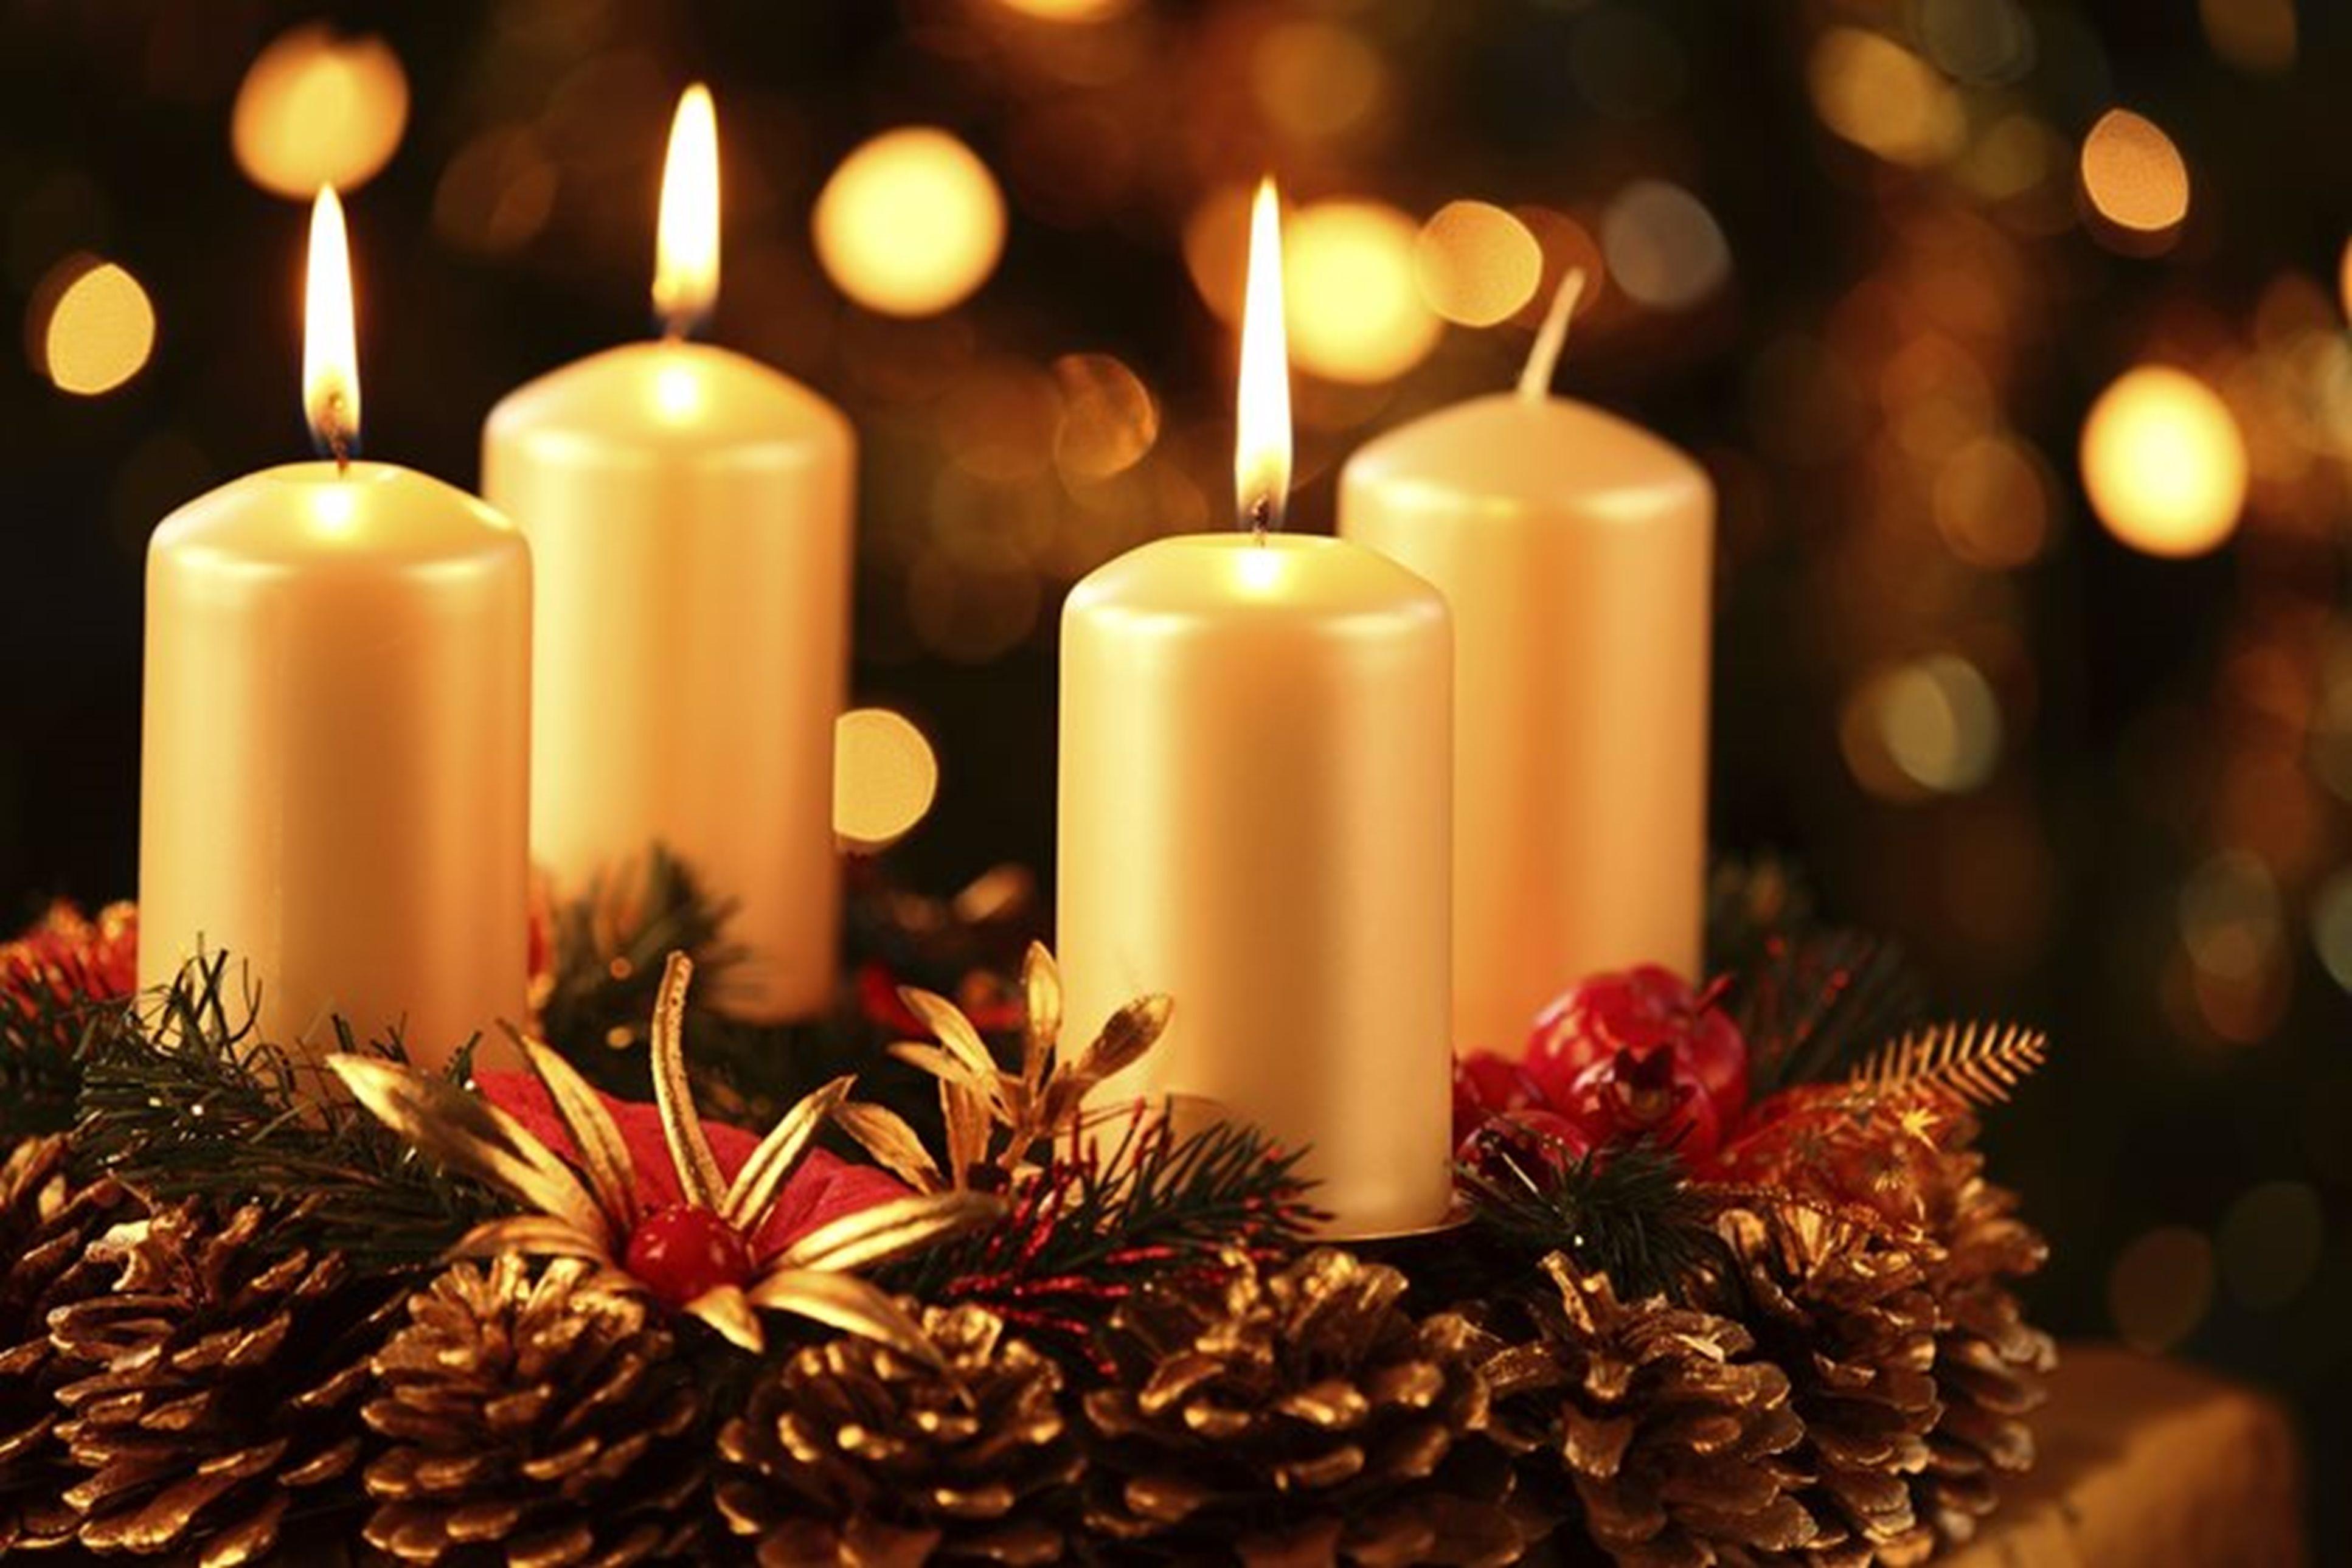 coroa do advento, tradição do Natal da Alemanha